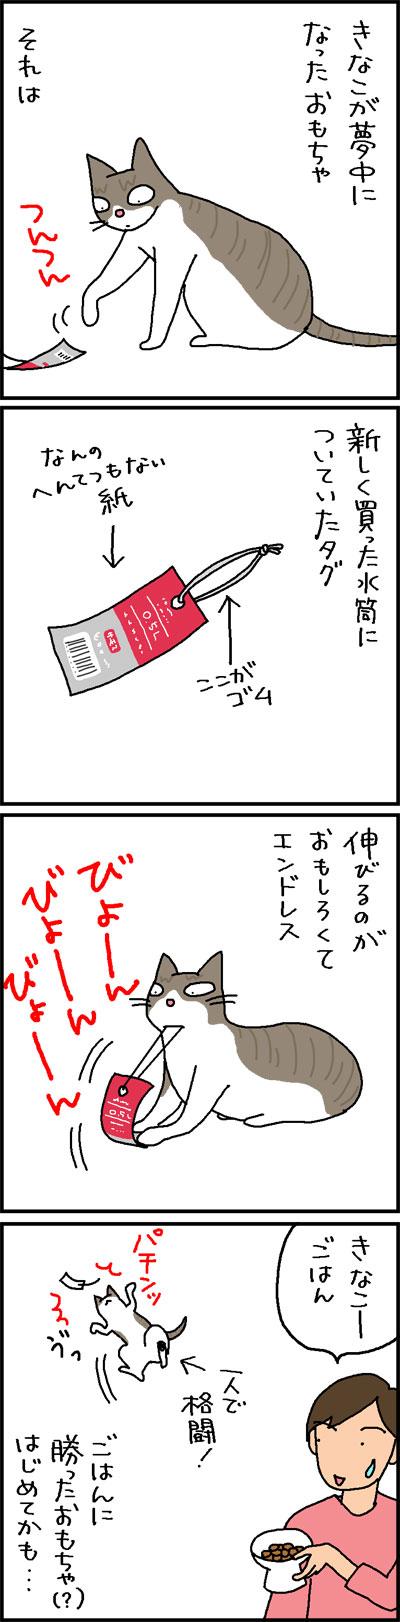 水筒のタグで遊ぶ猫の4コマ猫漫画